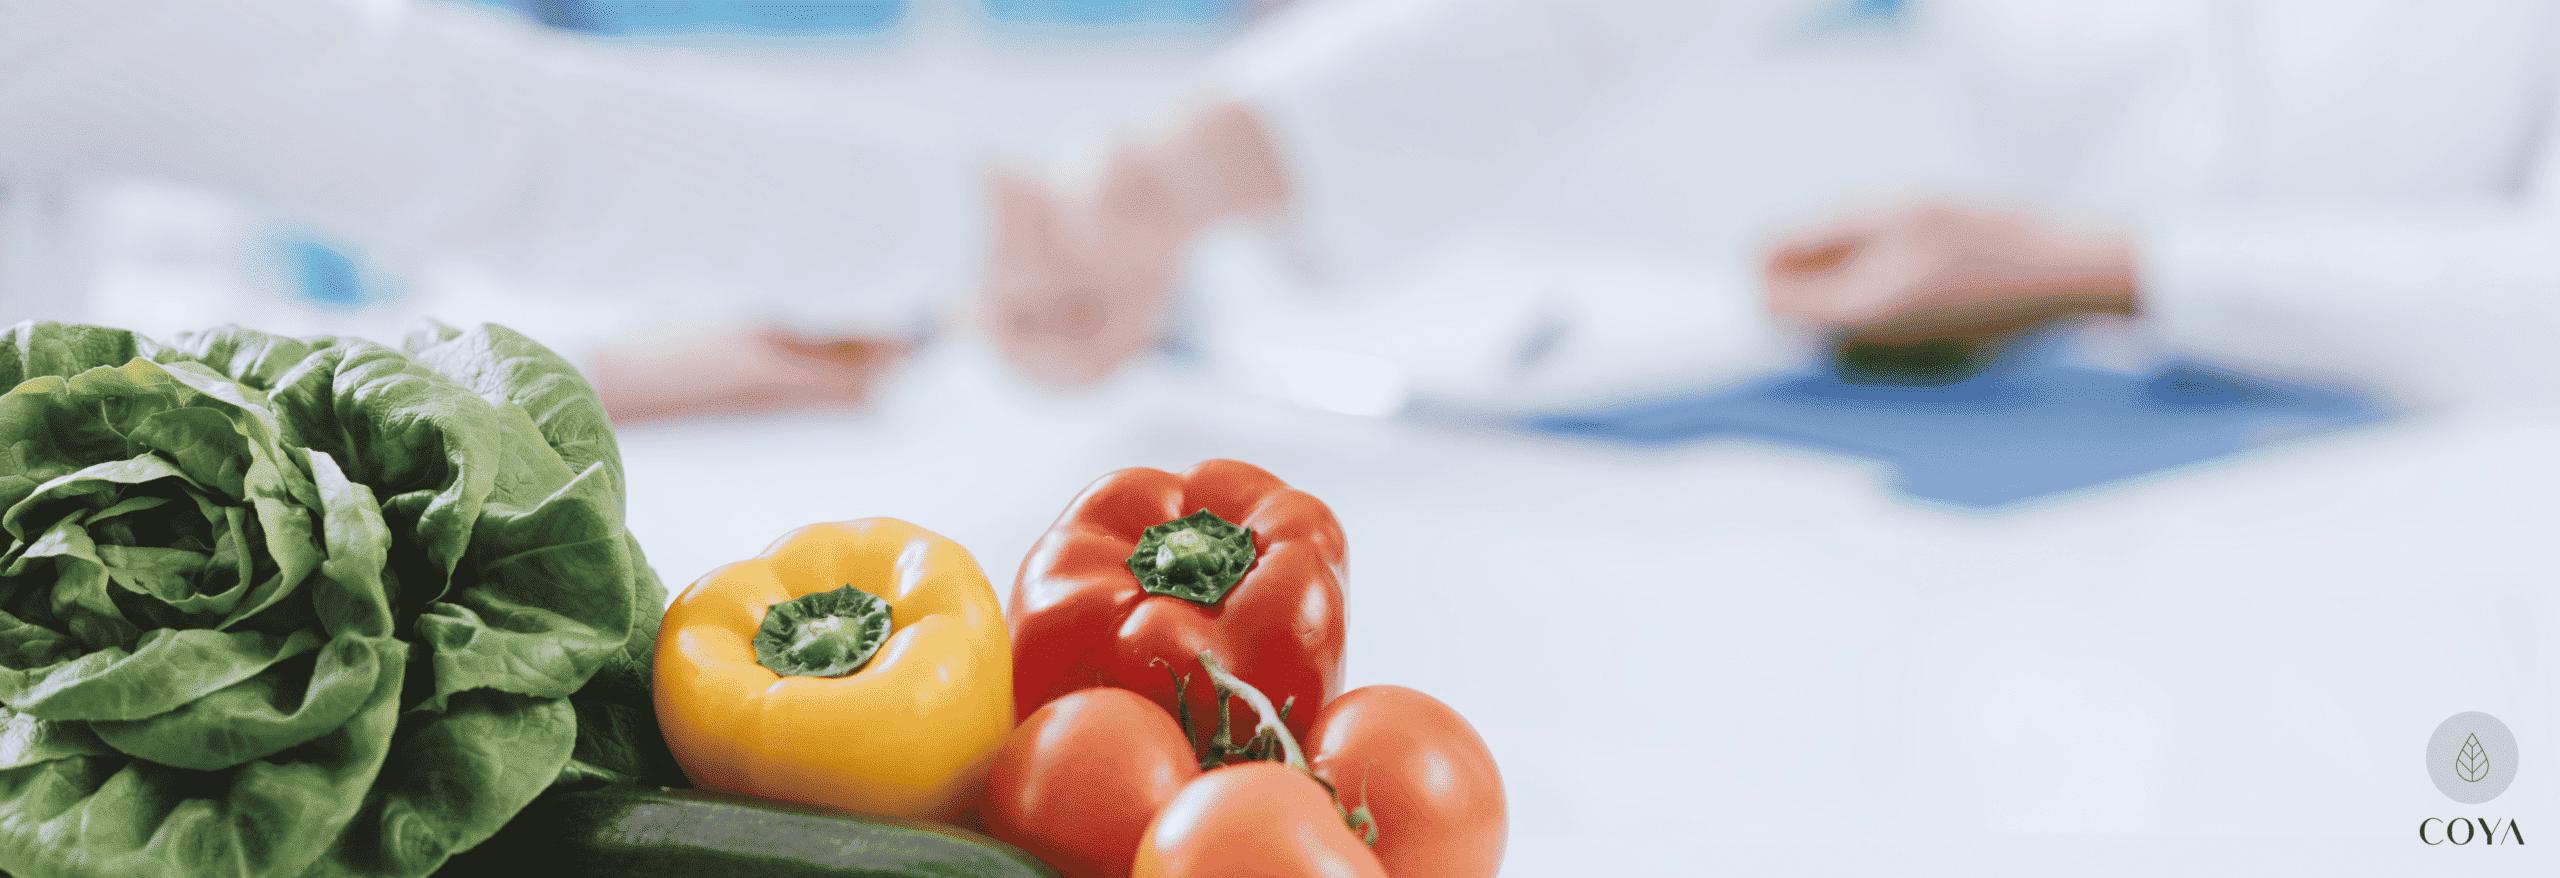 Τι είναι η κετογονική δίαιτα;